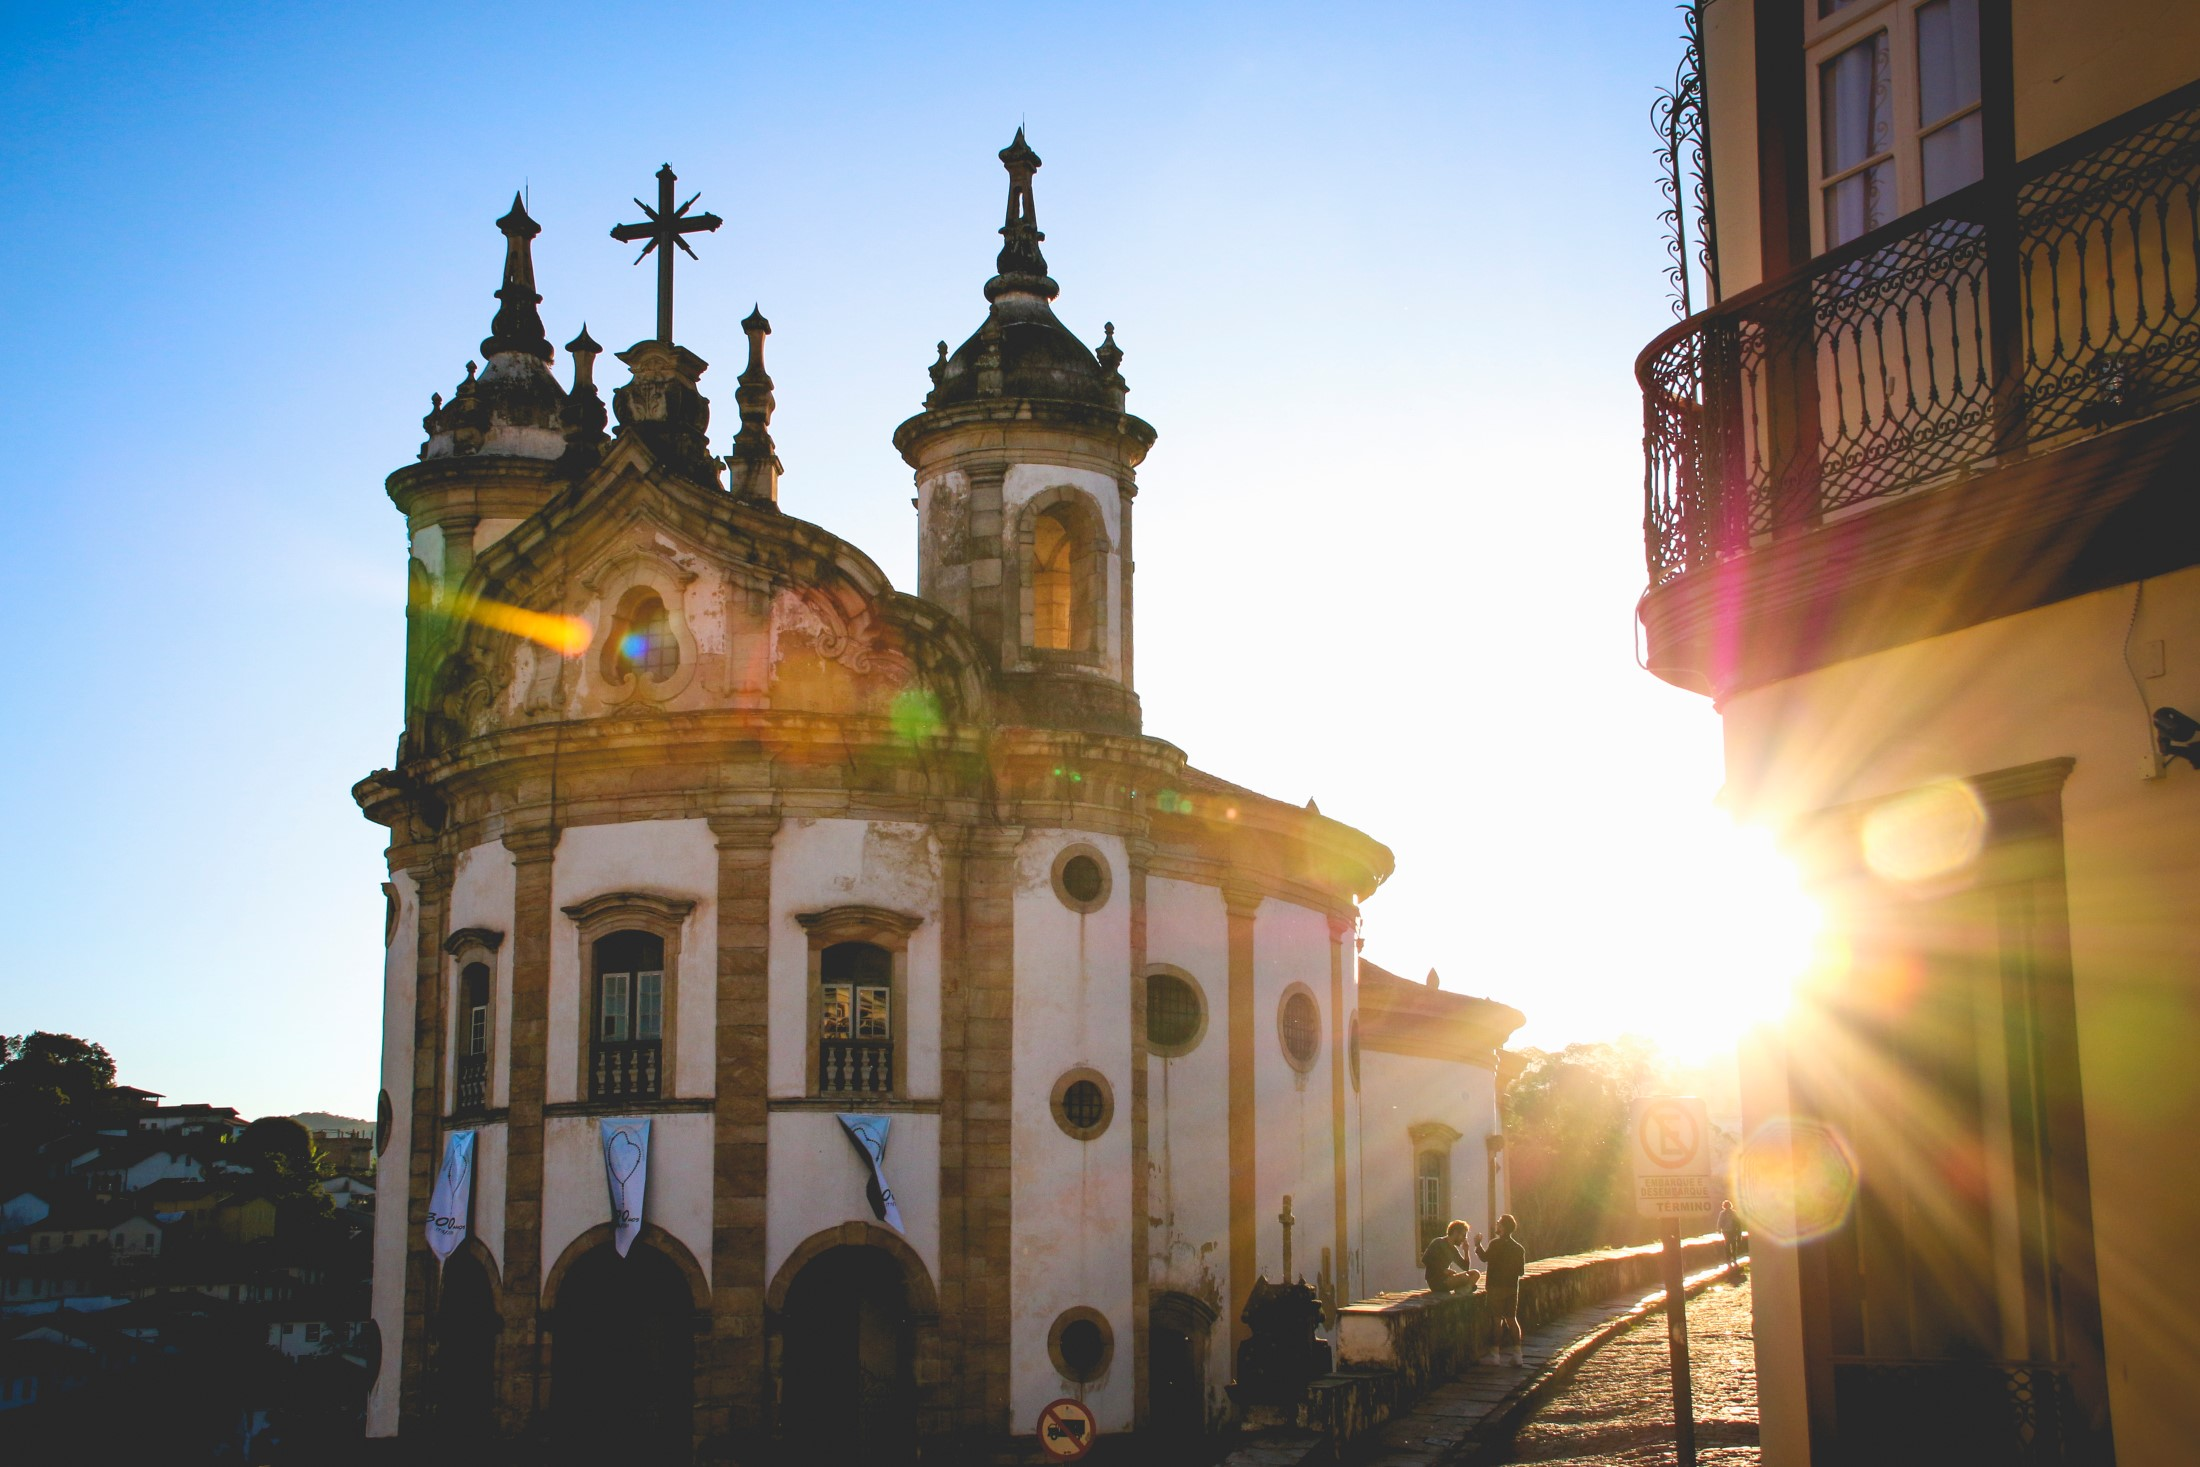 Igreja Nossa Senhora do Rosário dos Pretos, Ouro Preto, Minas Gerais